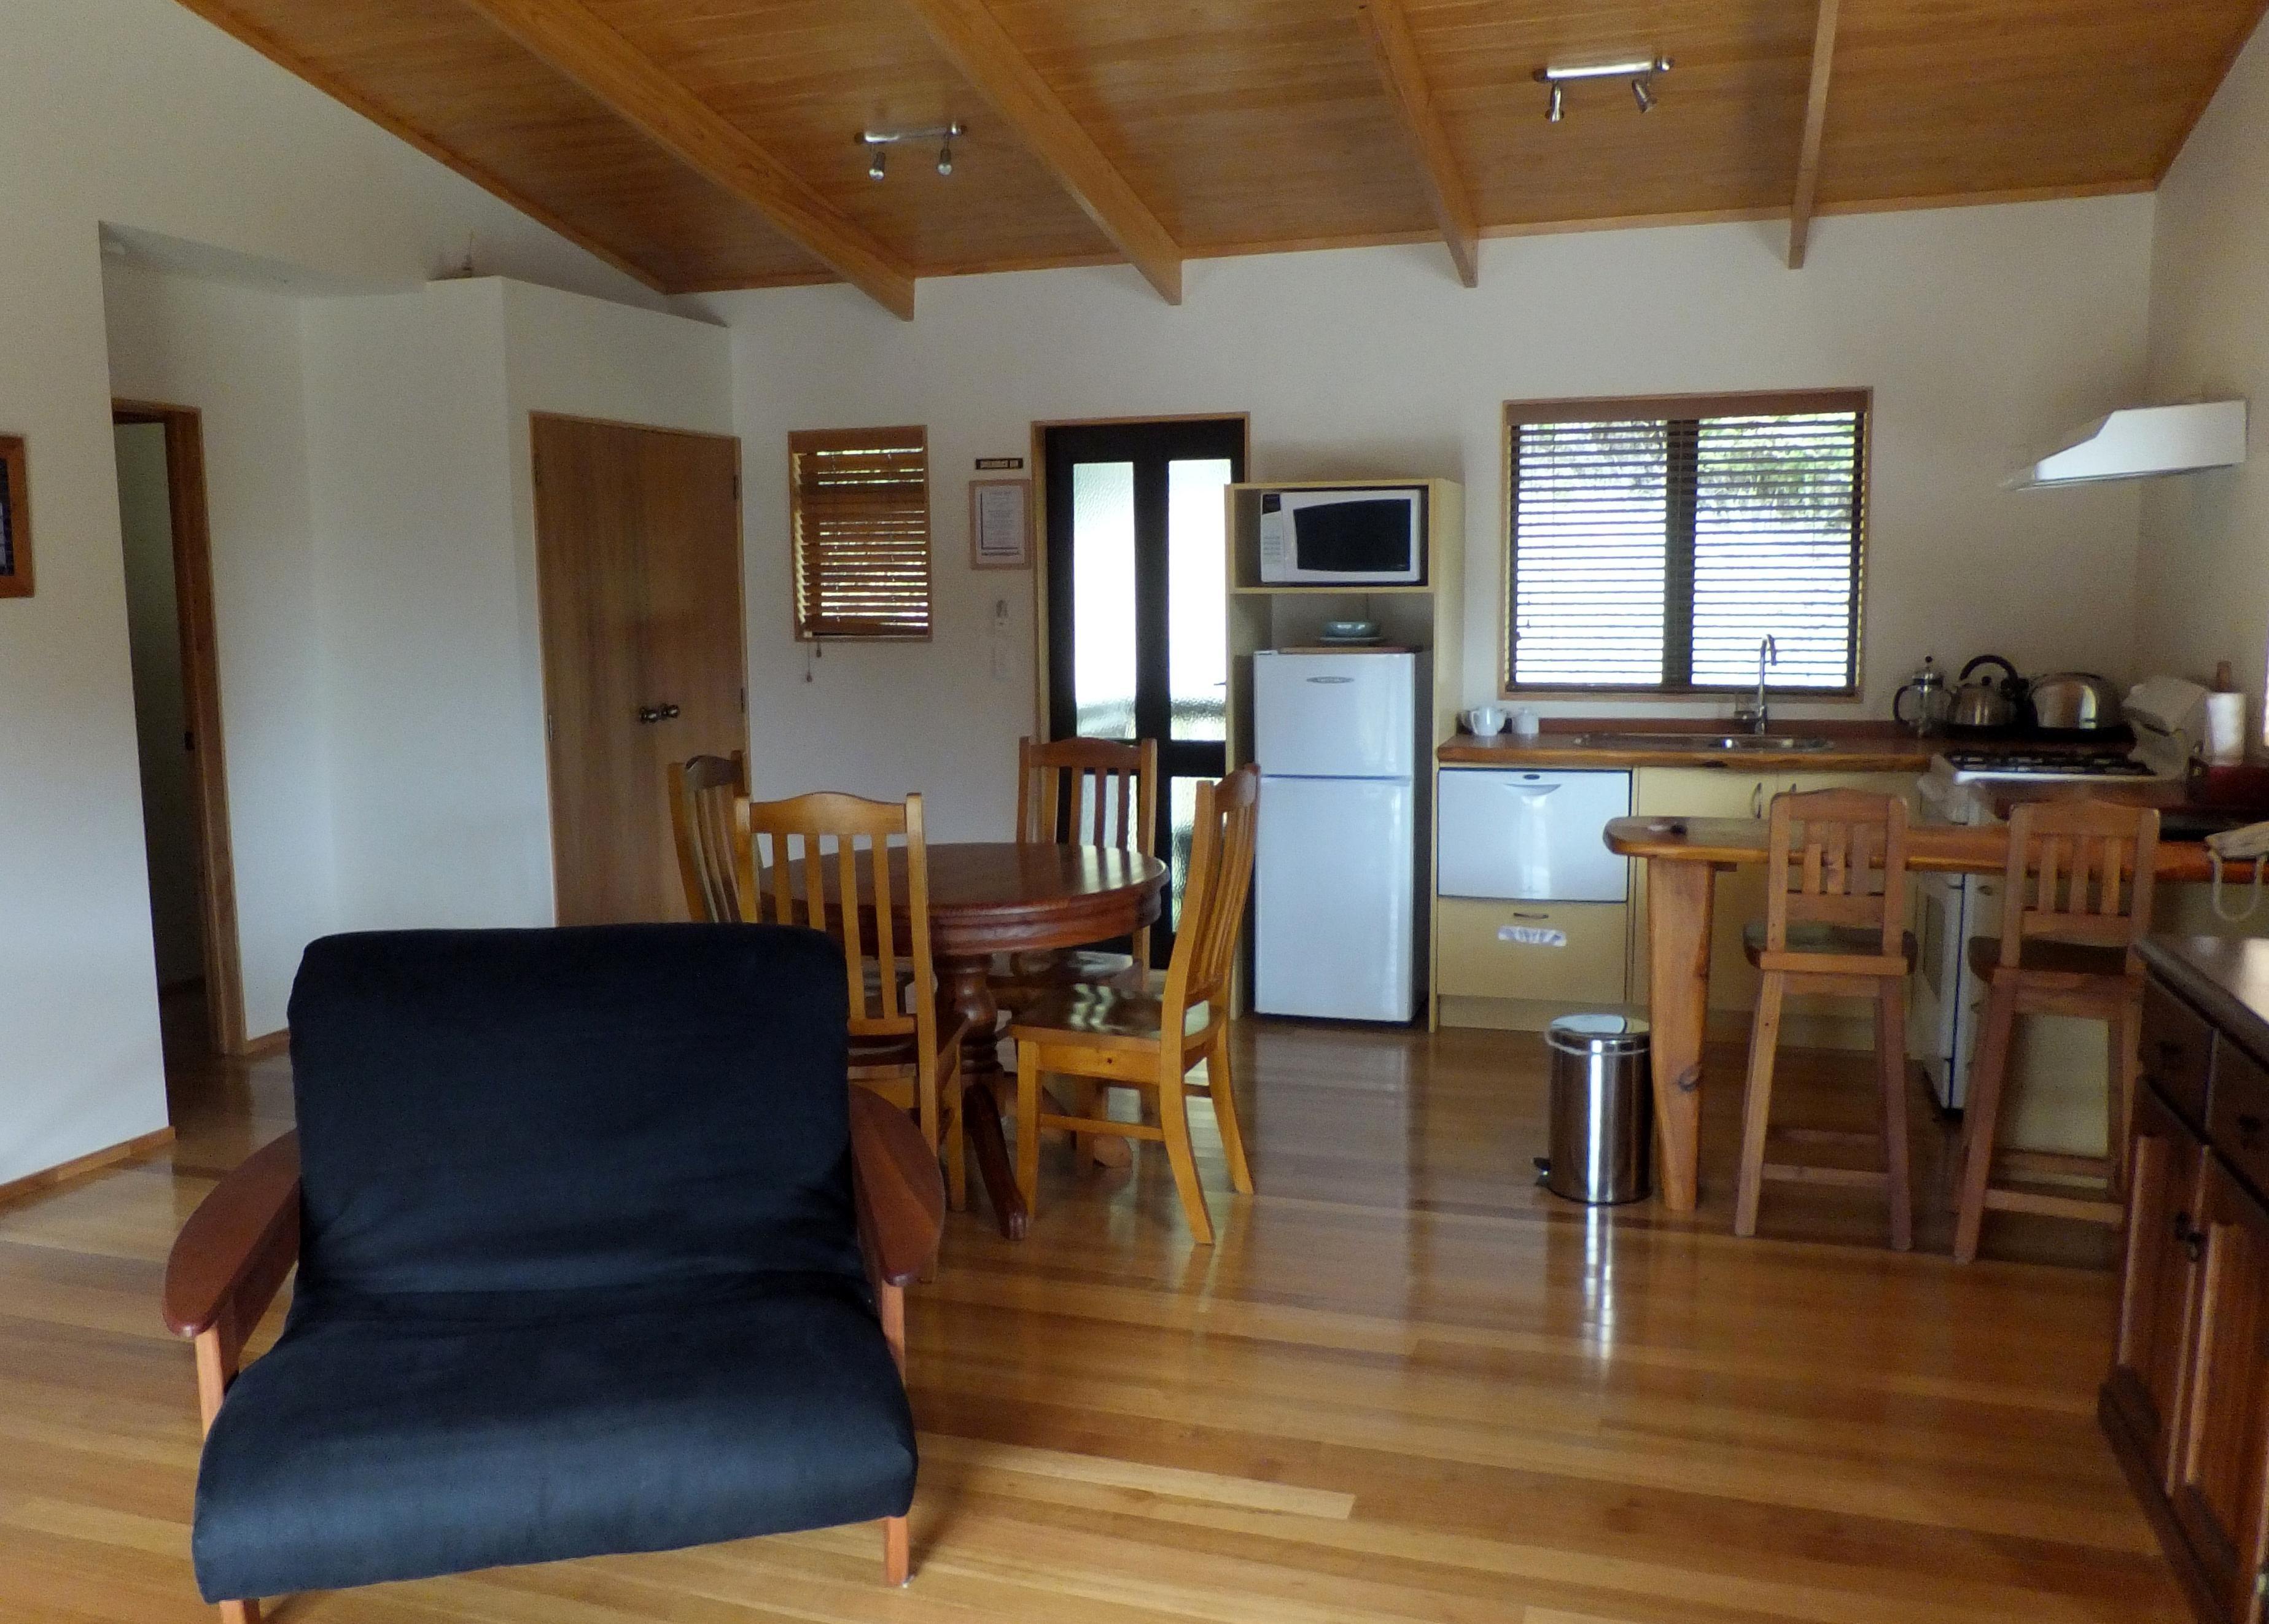 foto gratis arredamento camera casa interno tavolo